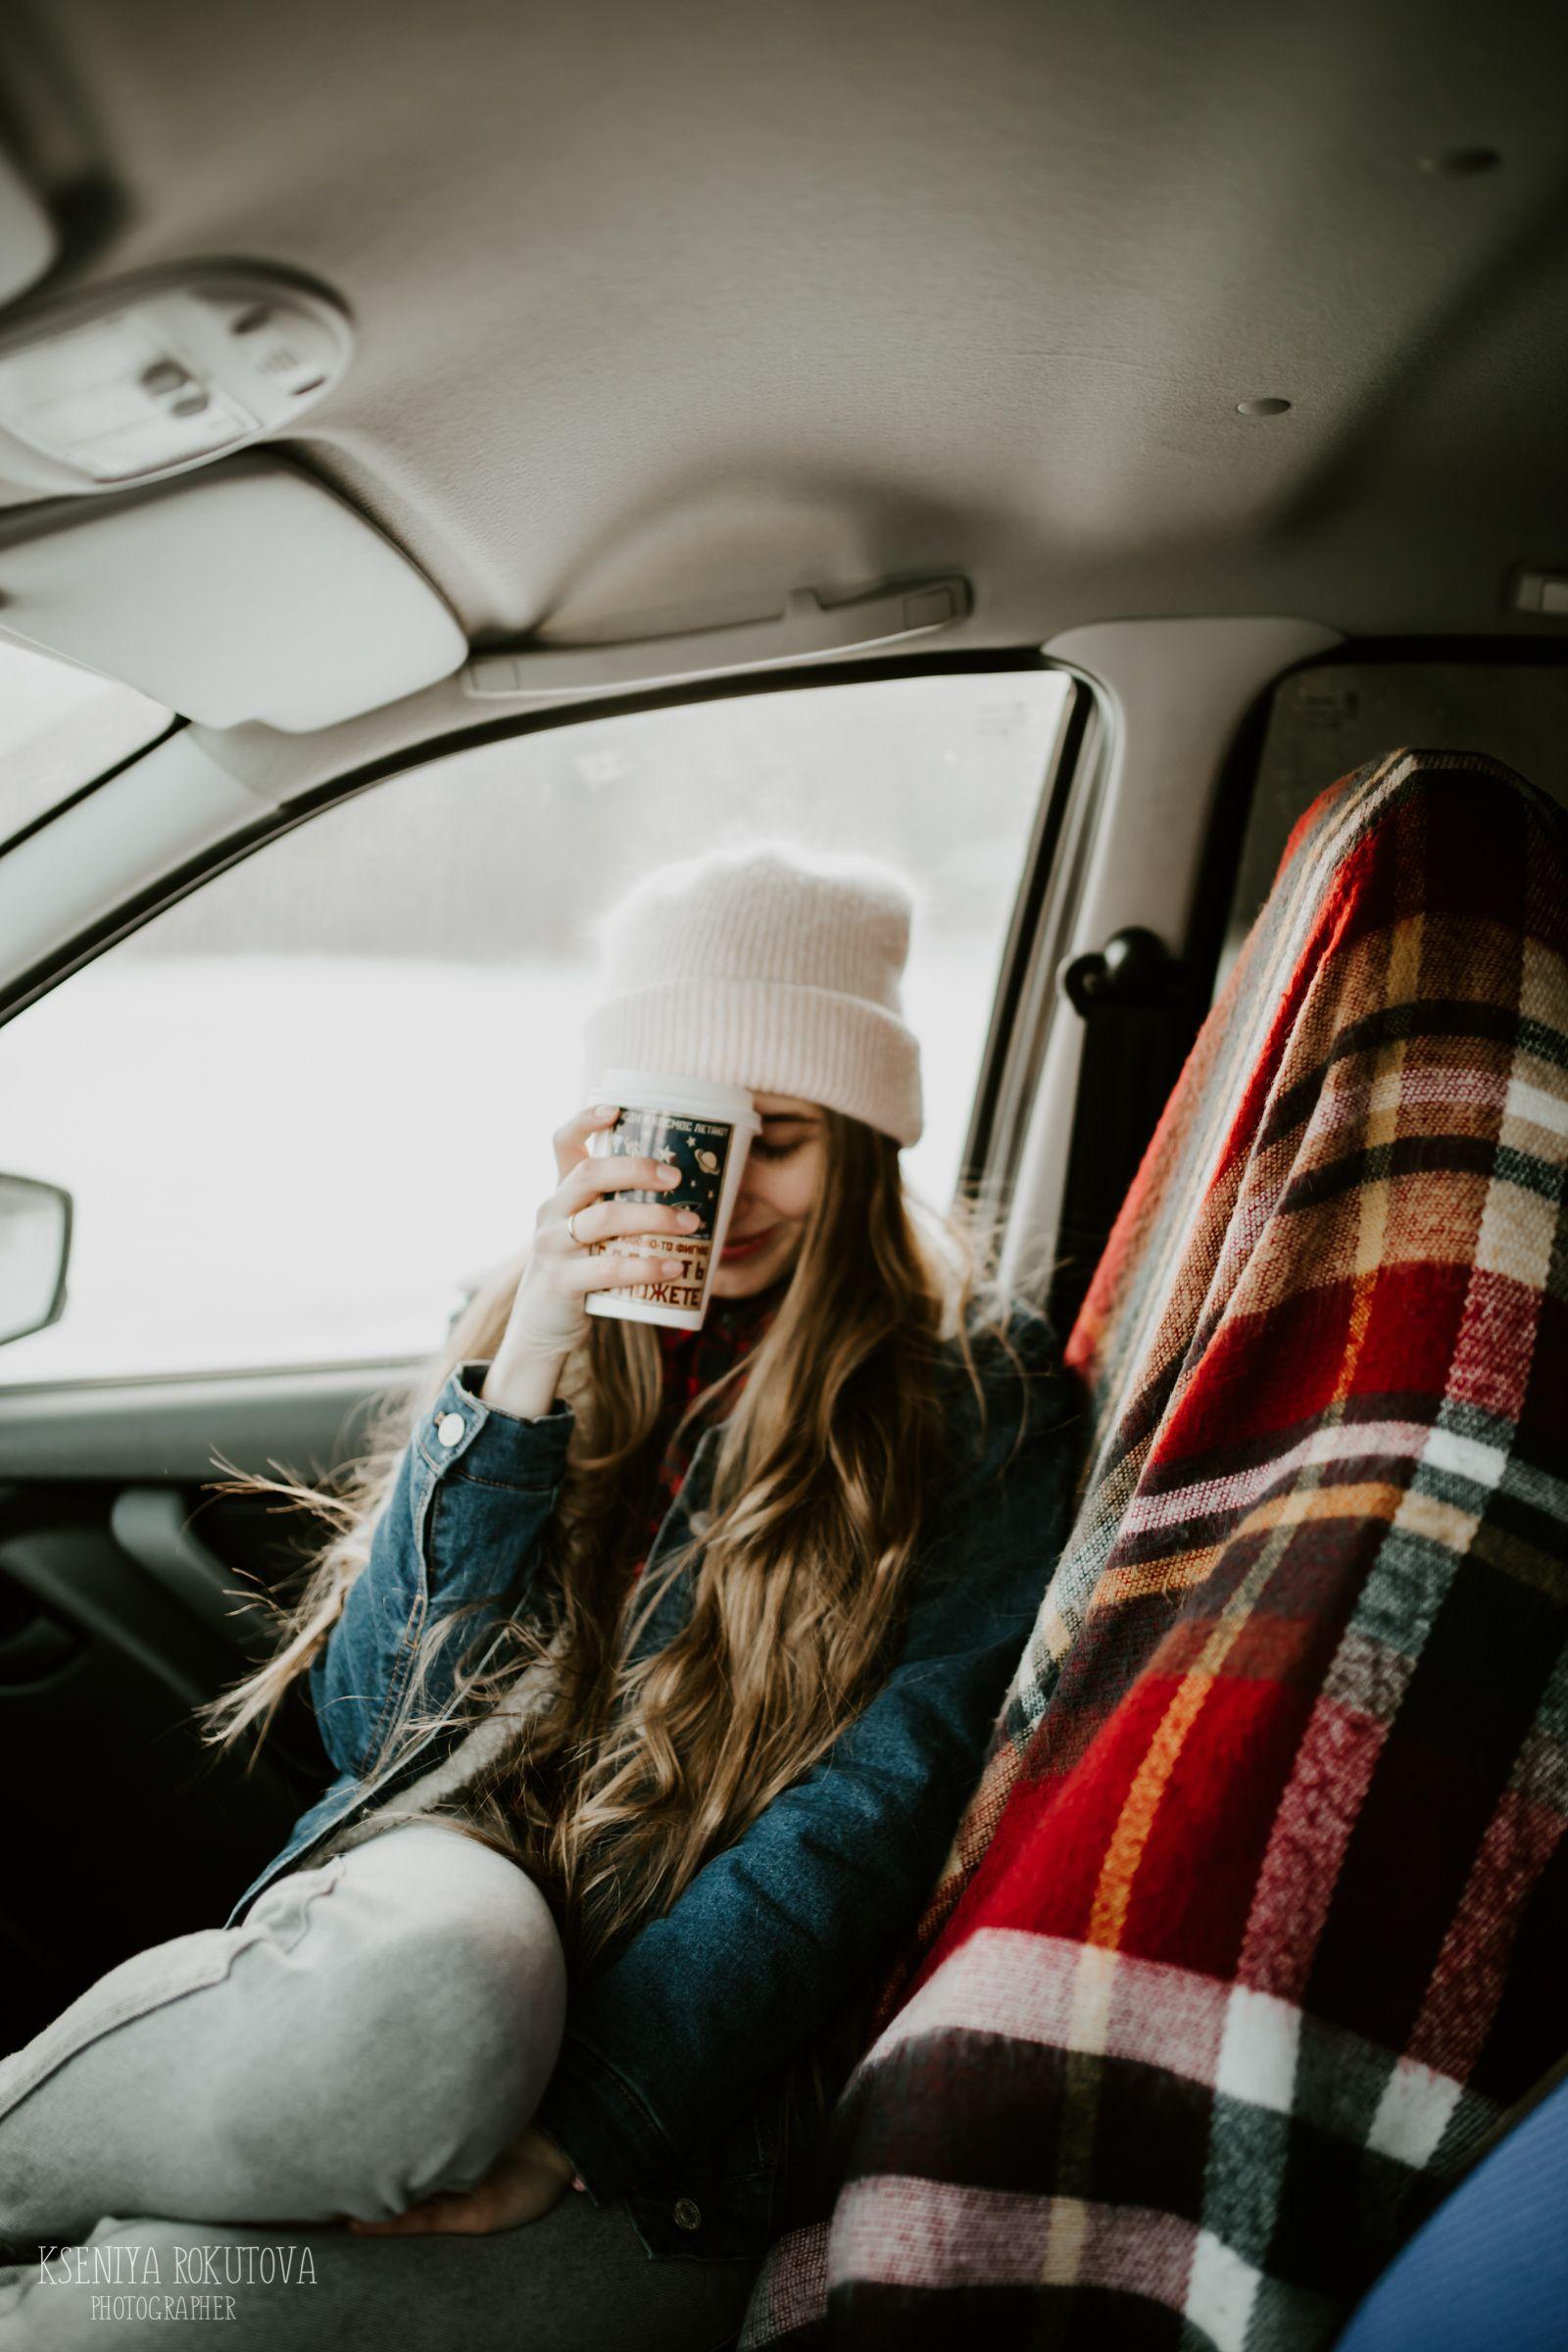 Фотосессия в машине, идеи для фото, зимняя фотосессия ...